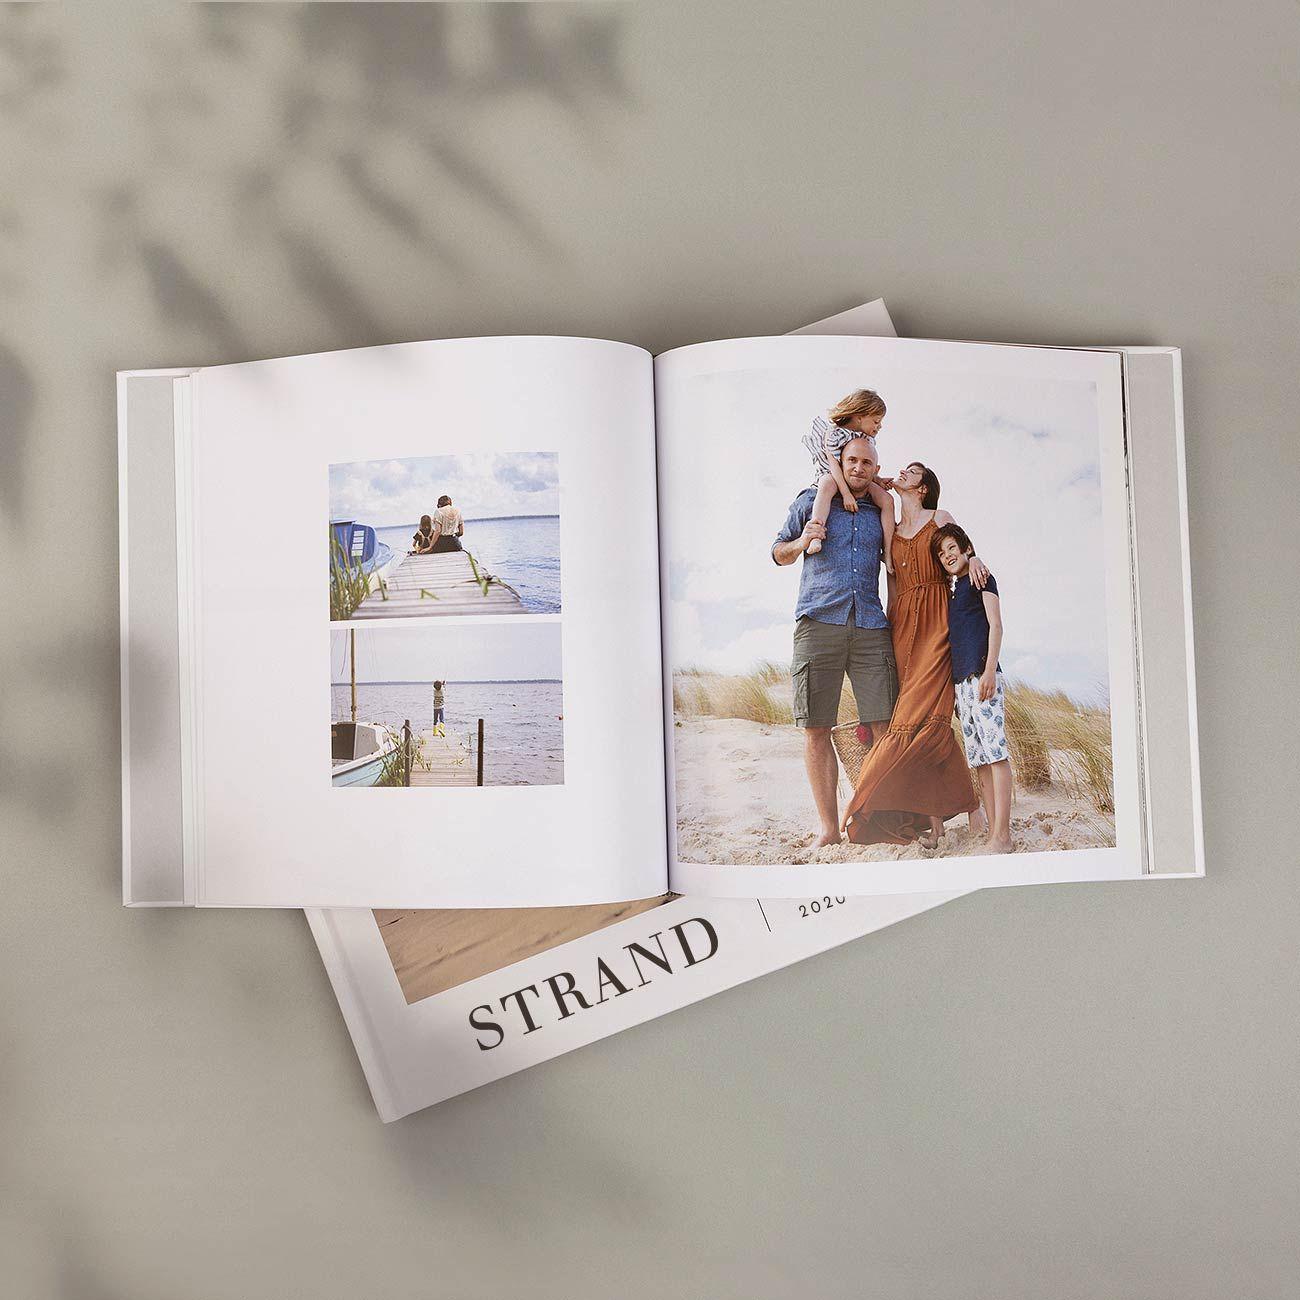 Ein Hardcover Fotobuch Welches Sich Durch Sorgfalt Qualitat Und Bestandigkeit Auszeichnet In 2020 Fotobuch Fotos Fotobuch Gestalten